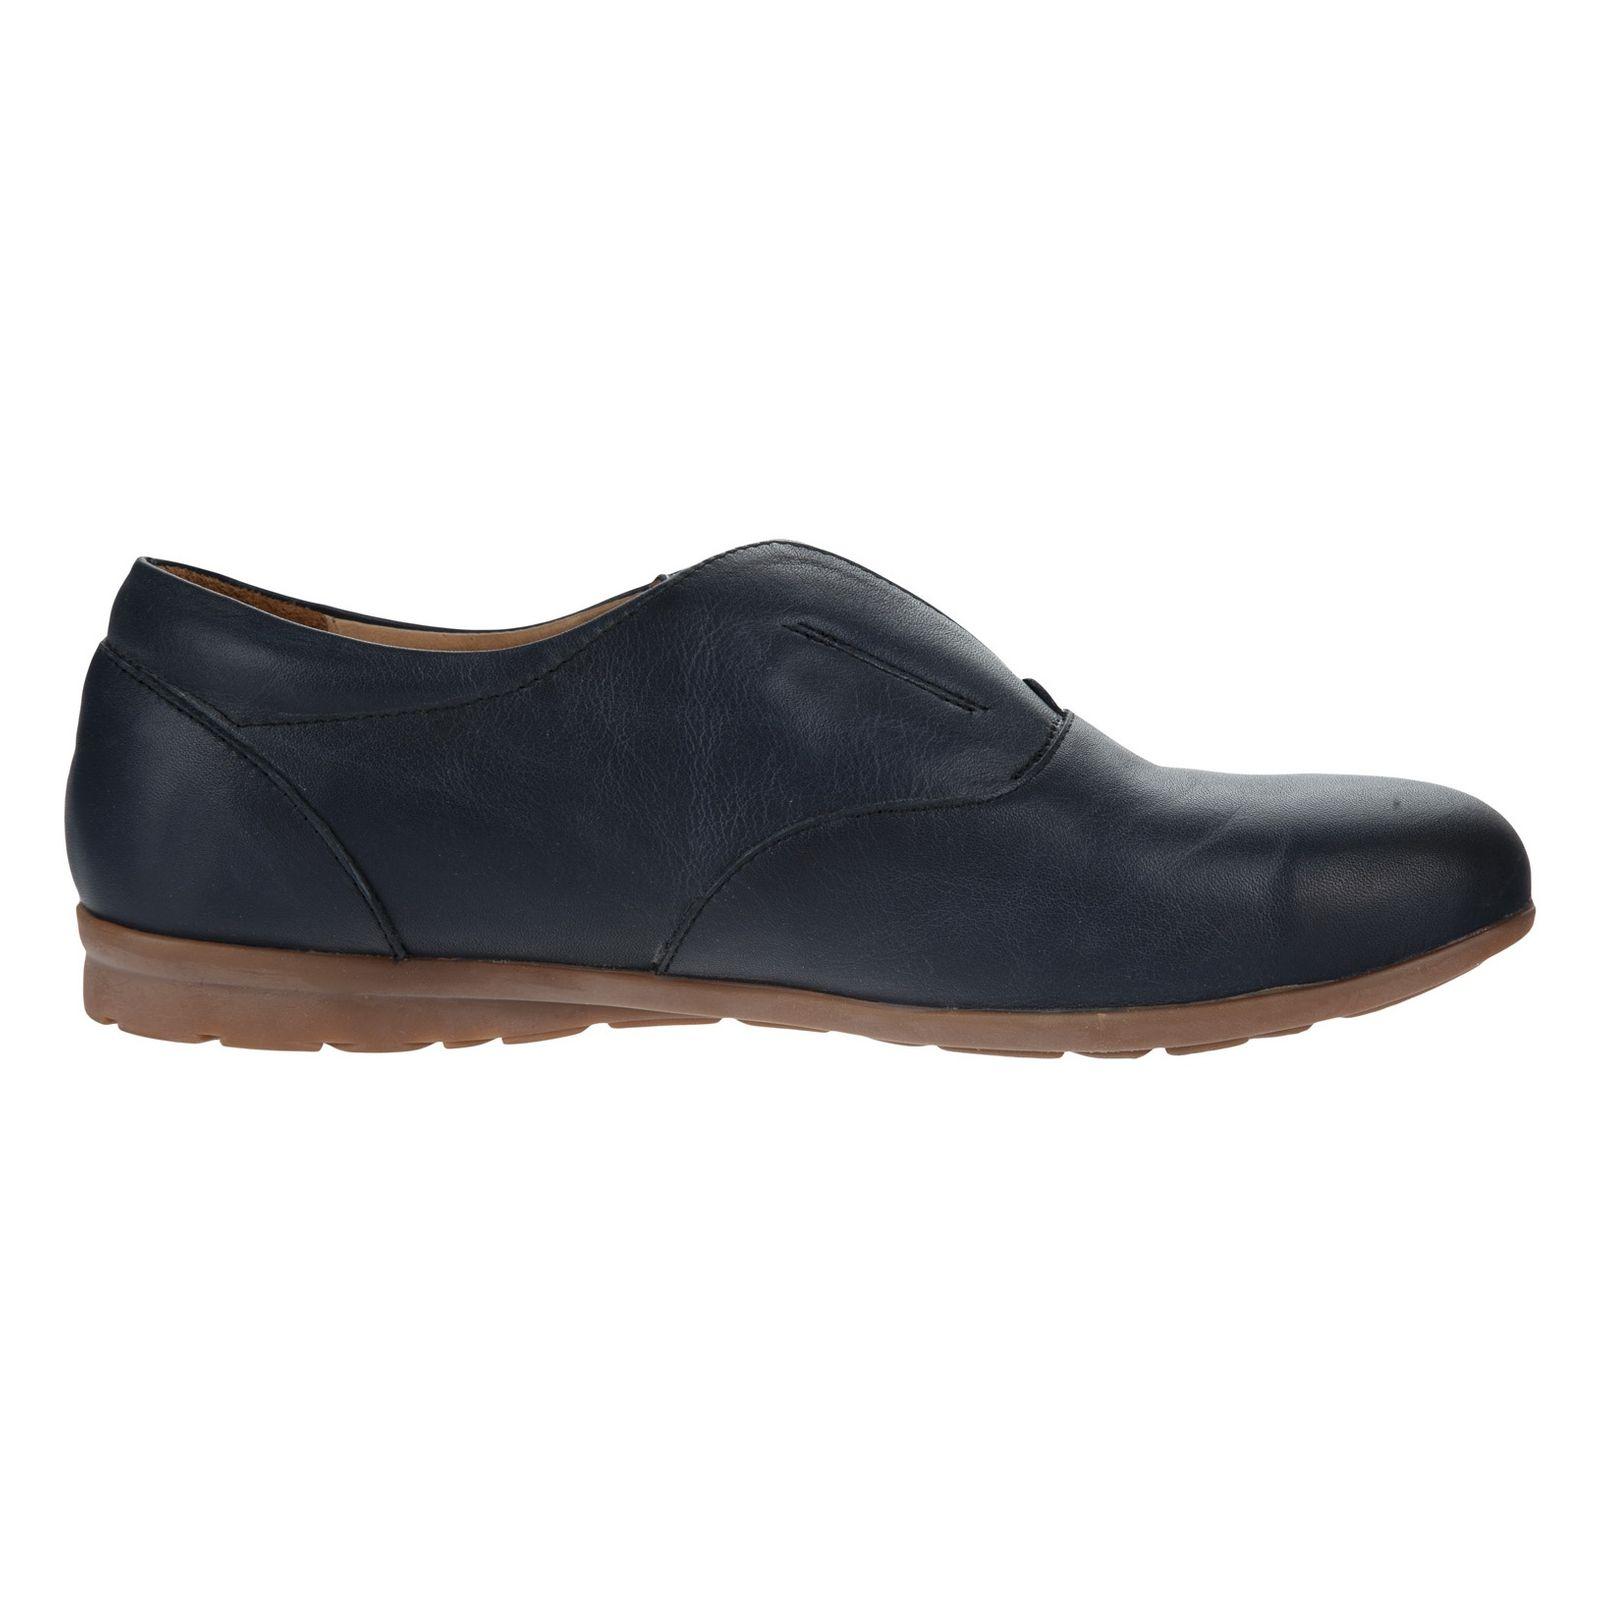 کفش روزمره زنانه دلفارد مدل DL5166A500-103 -  - 2